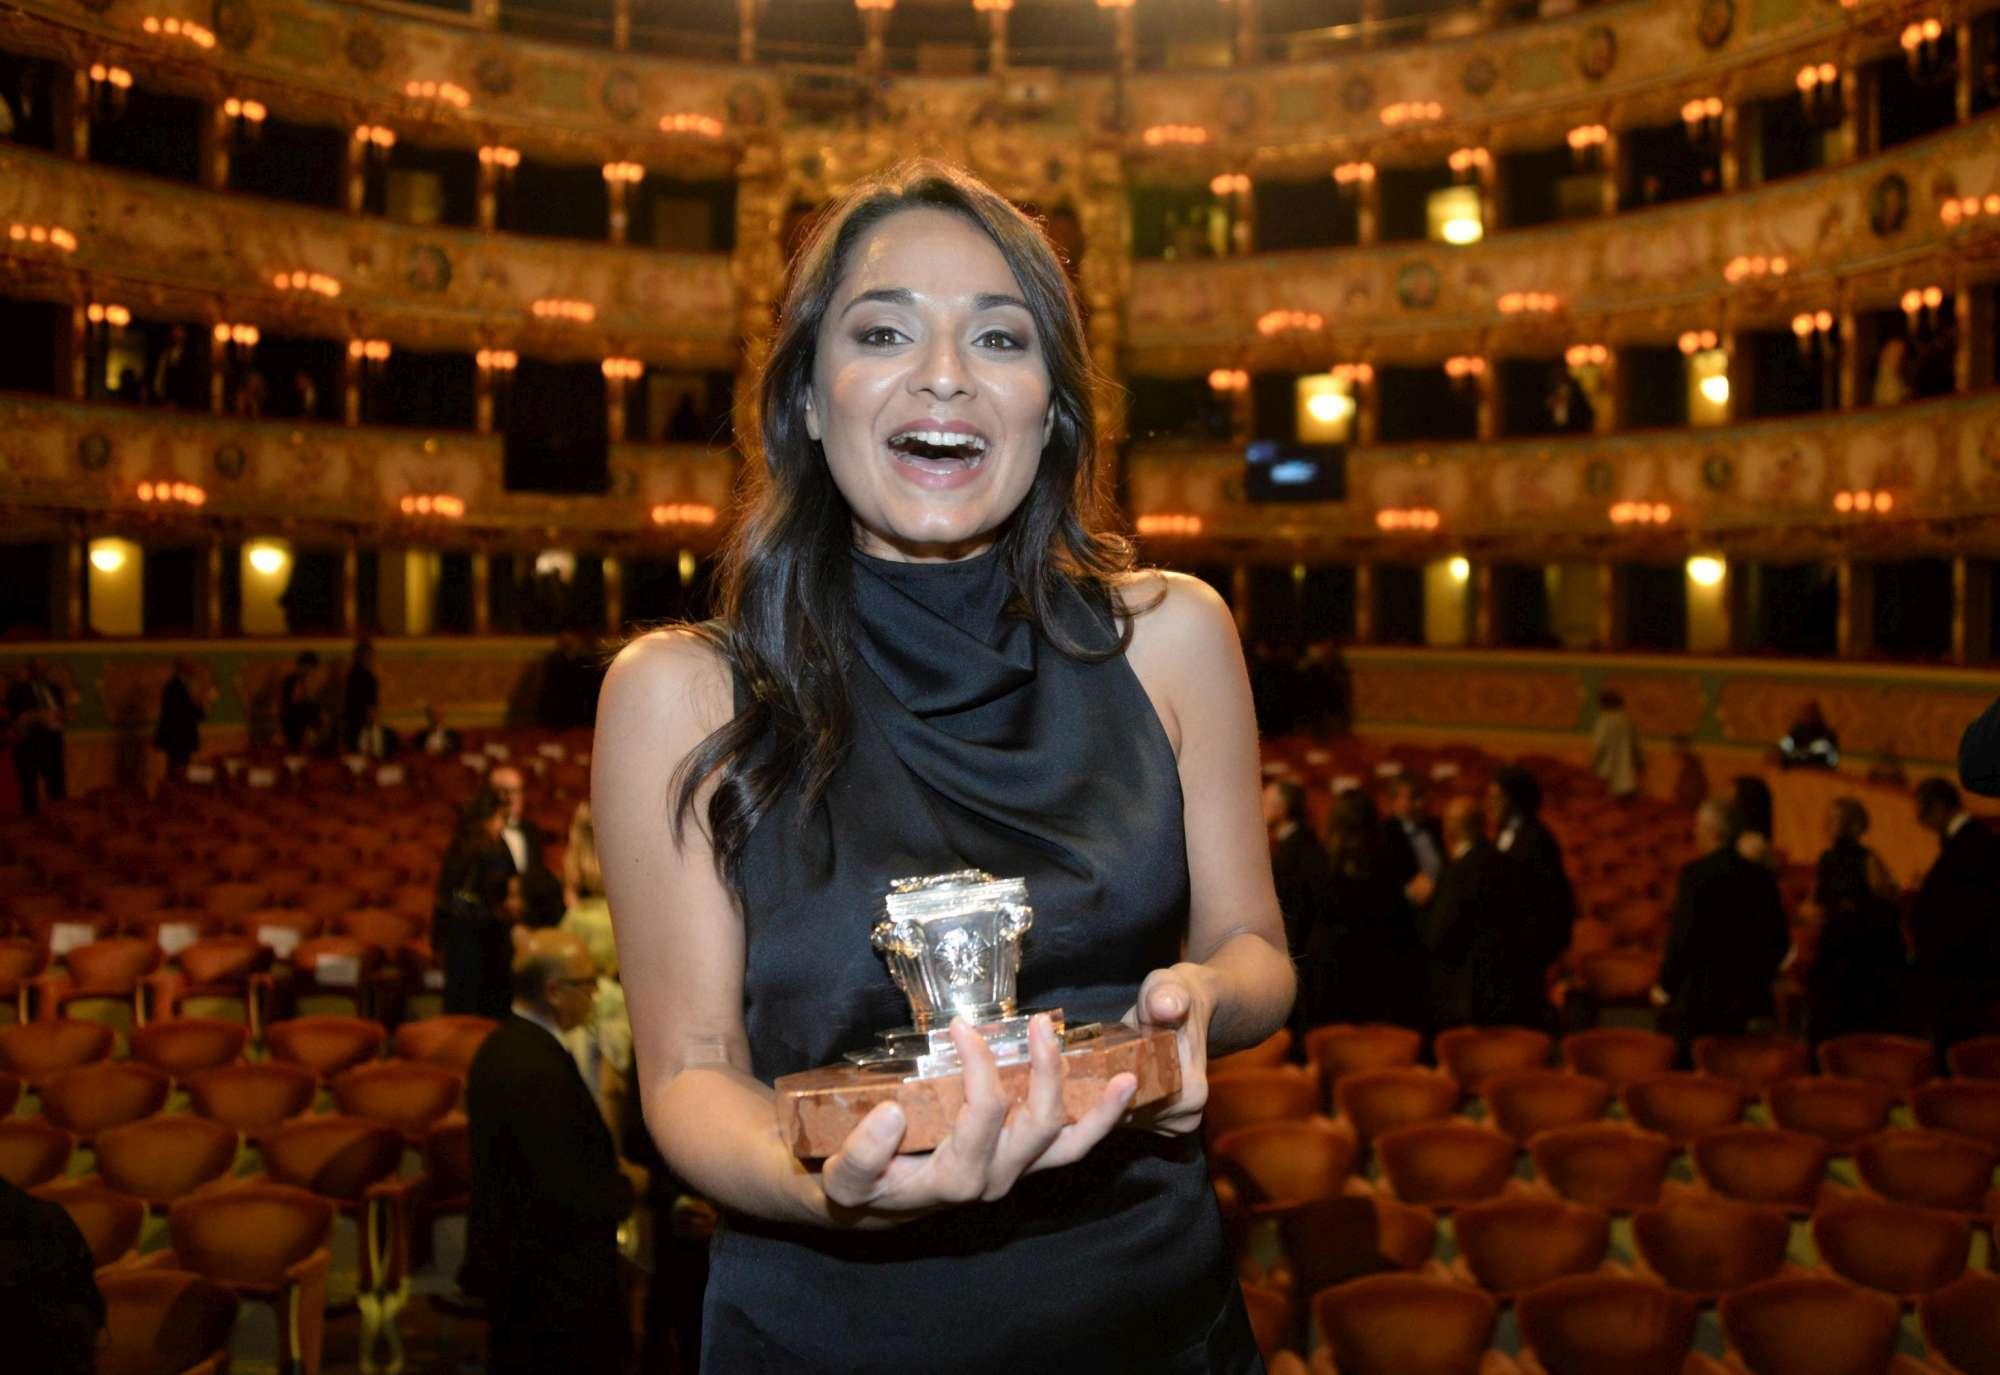 Premio Campiello 2018: vittoria schiacciante di Rosella Postorino con 'Le assaggiatrici'